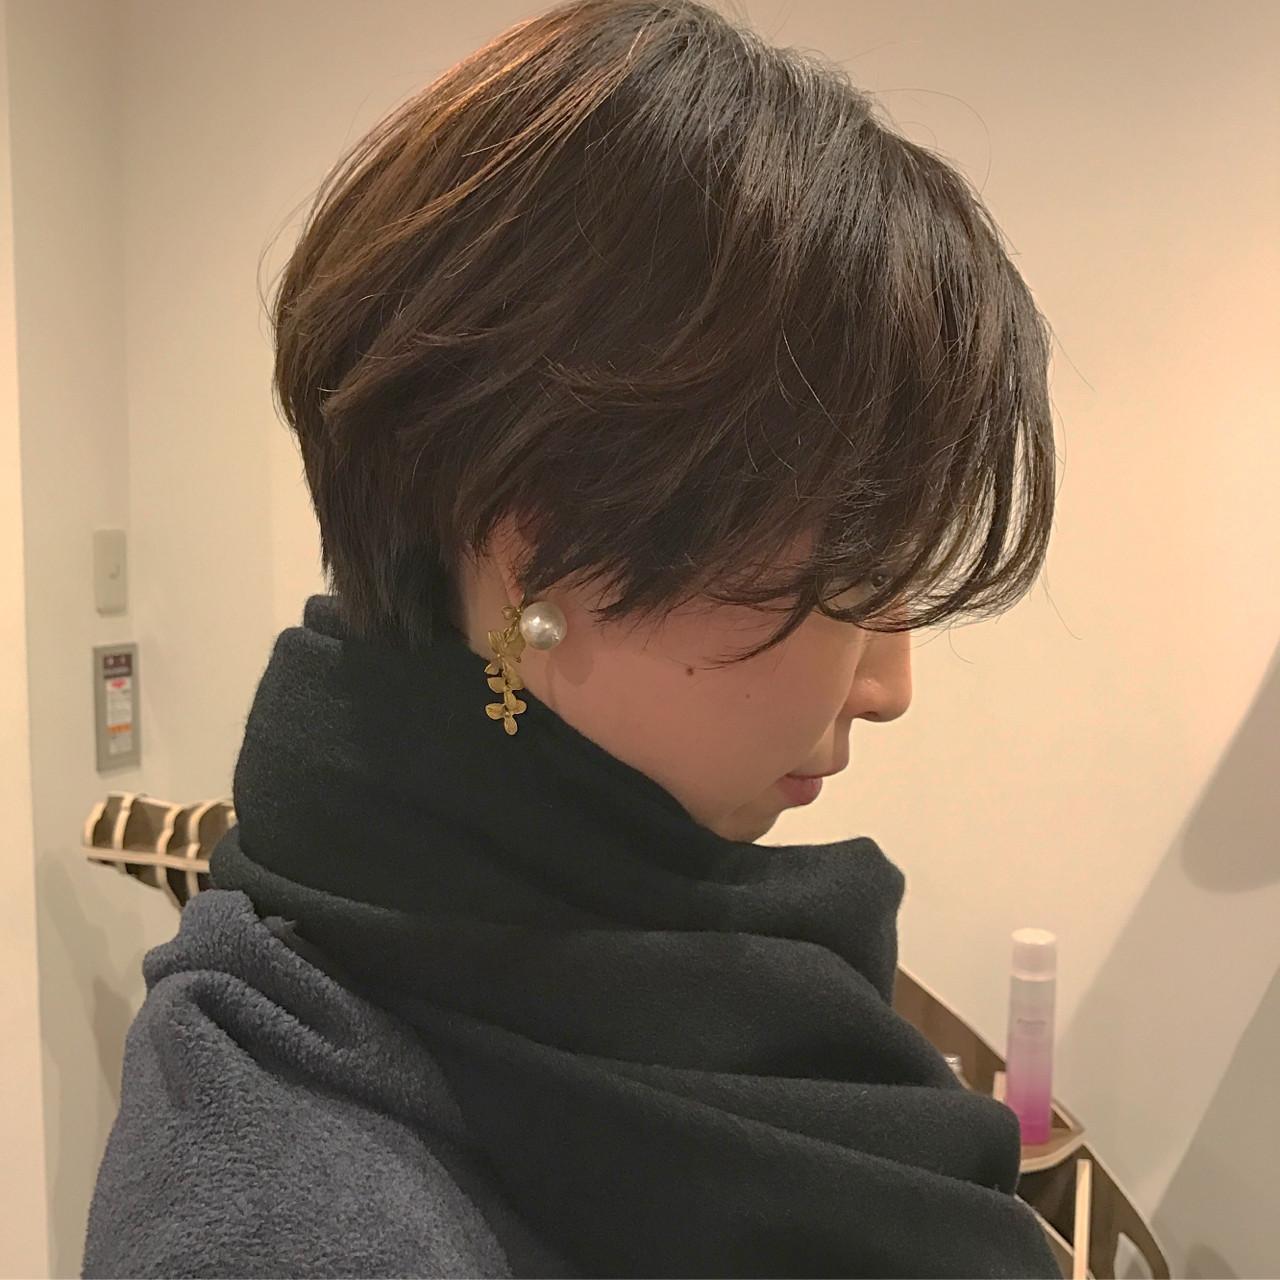 前髪あり ショート ナチュラル 黒髪 ヘアスタイルや髪型の写真・画像 | 藤山将太 / ROSTAR